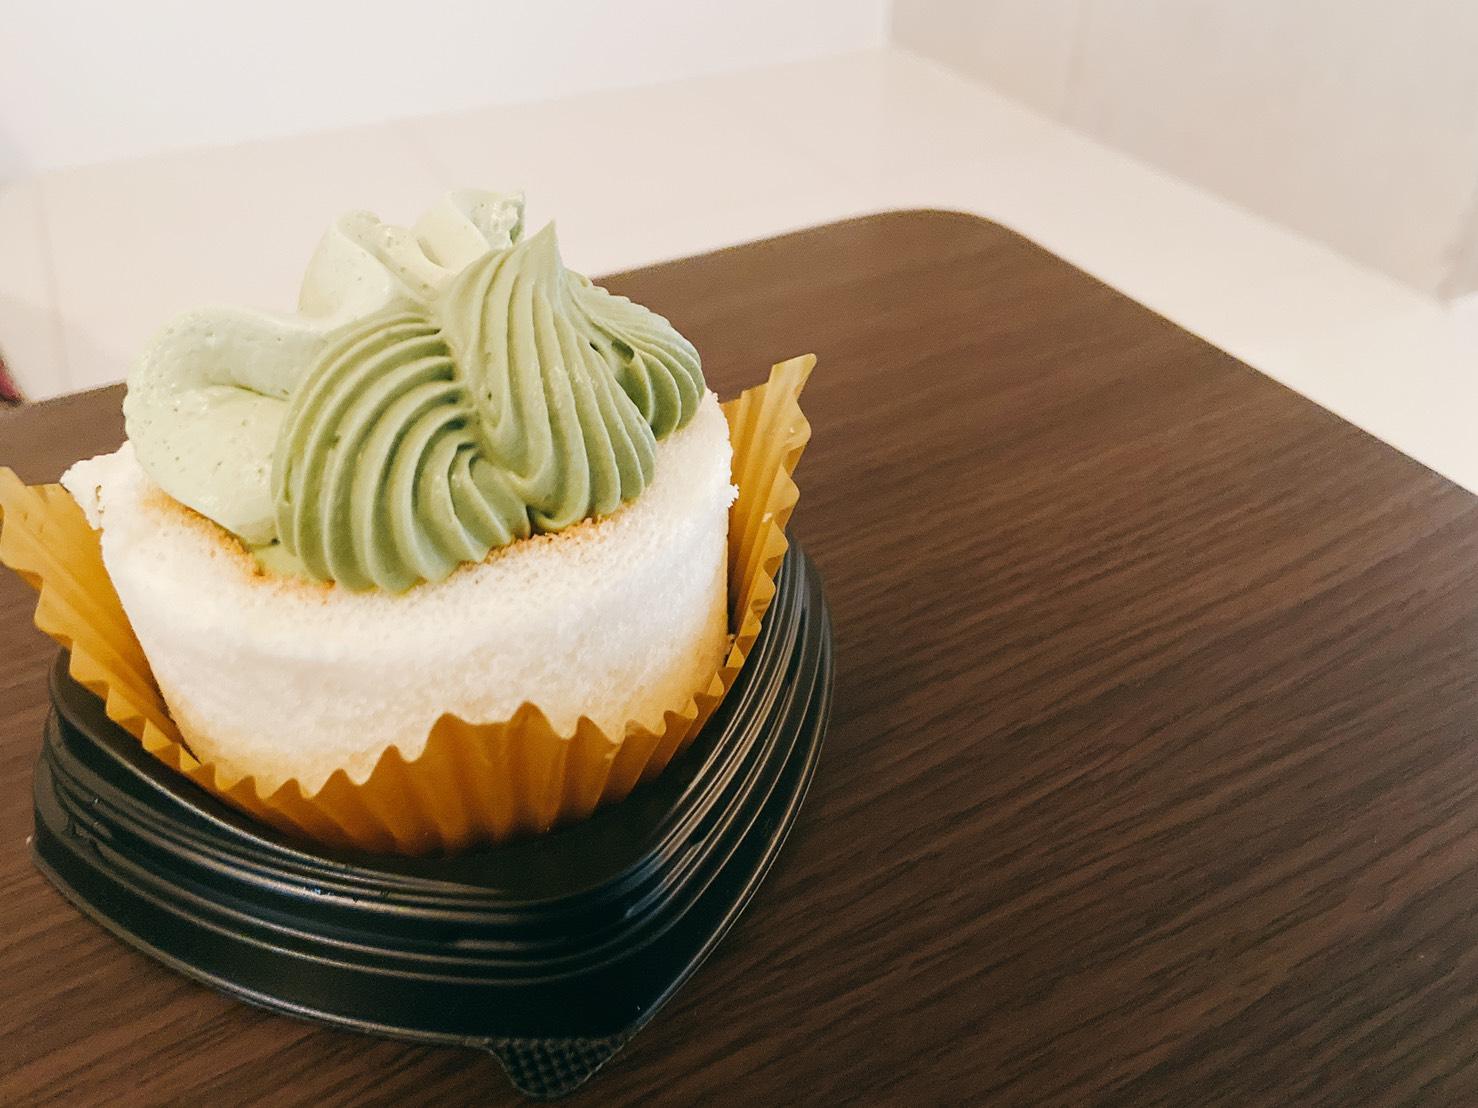 【新発売】ほぼ抹茶クリーム!?毎月6日はロールケーキの日!【食レポ】_9